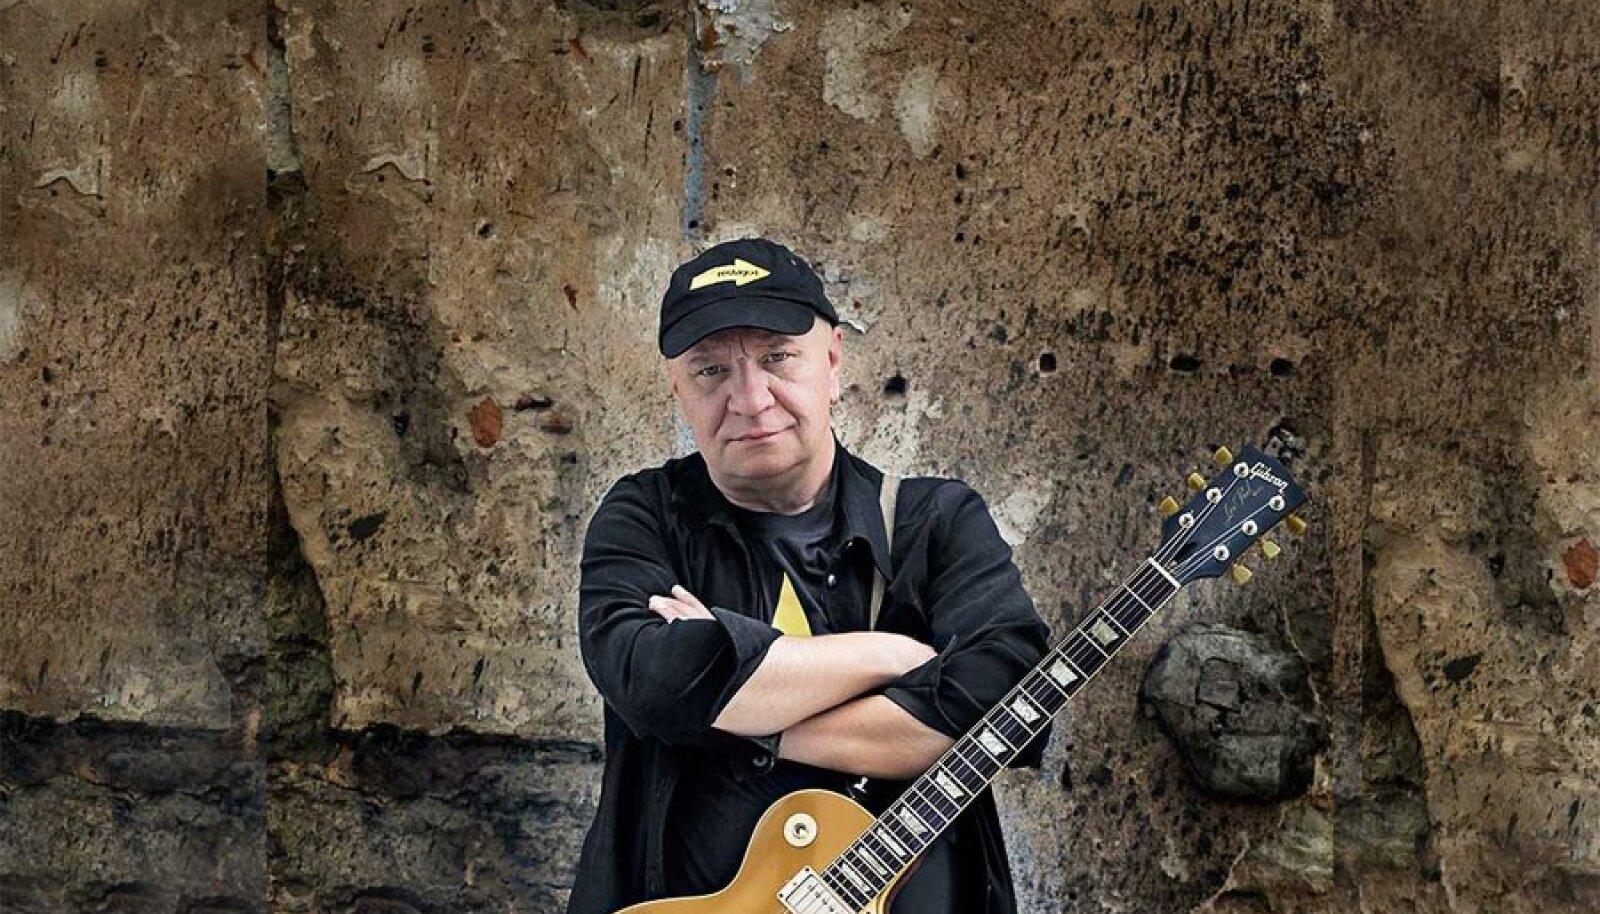 Kitarrist Vilpuu: Teeb muusikat inimestele, kes armastavad väärt kultuuri.